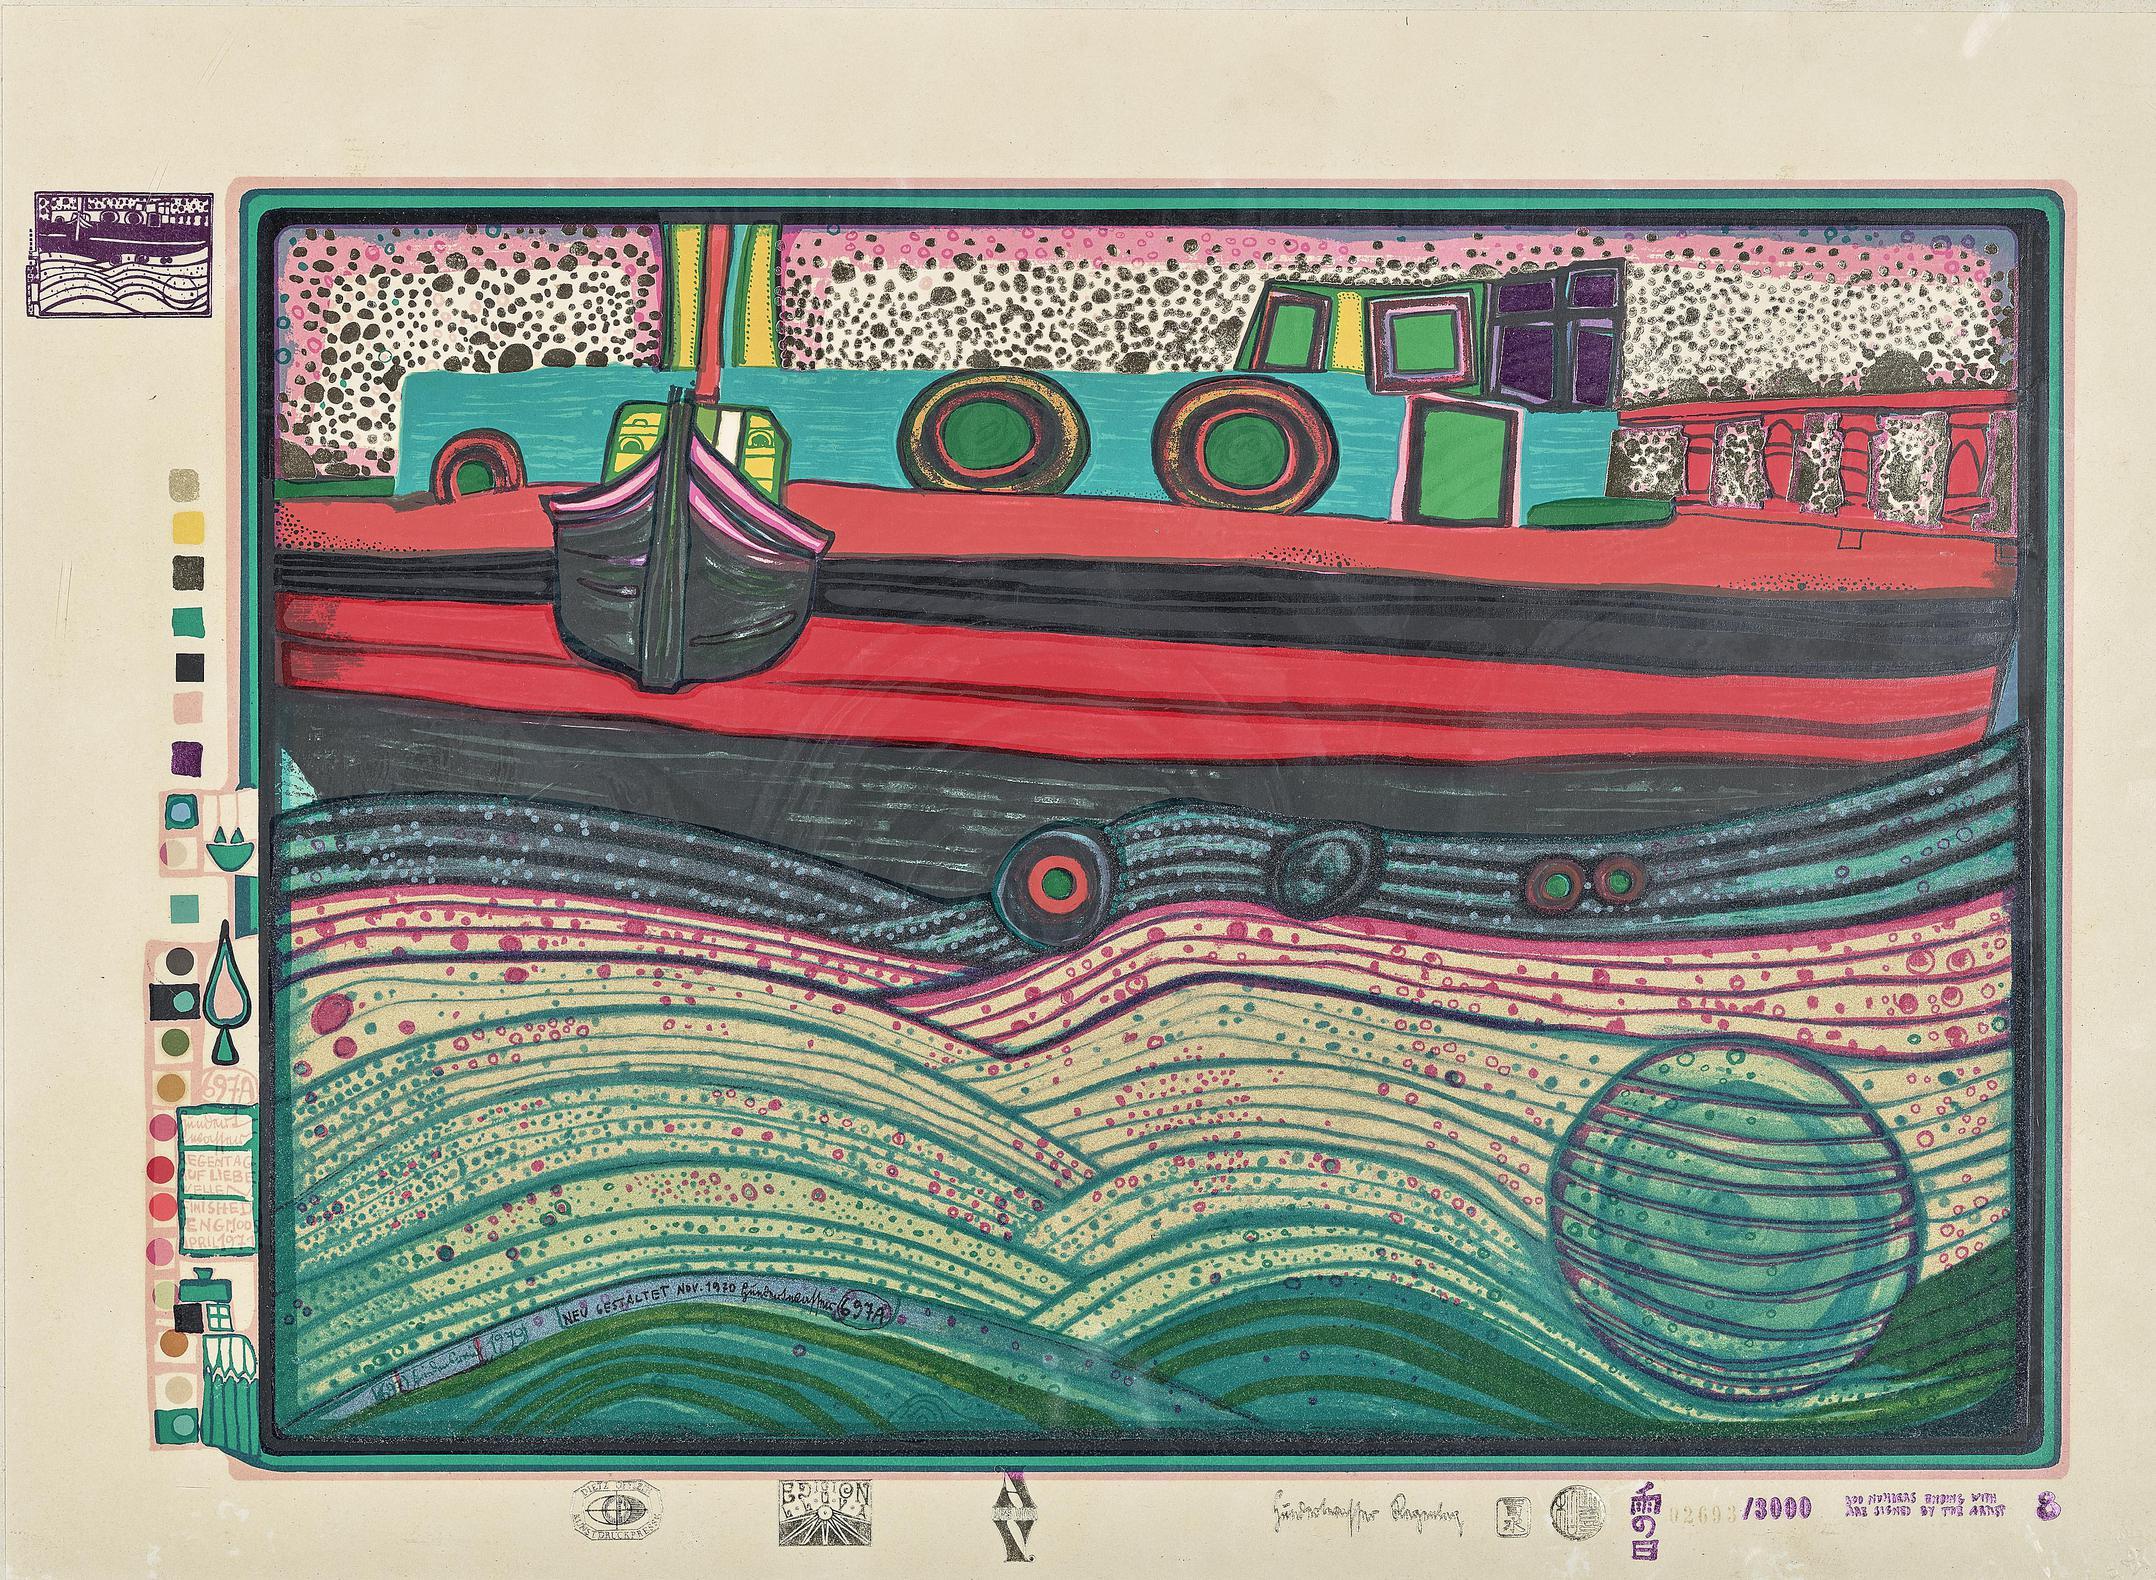 Friedensreich Hundertwasser-Regentag Auf Liebe Wellen (Regentag on Waves of love)-1971